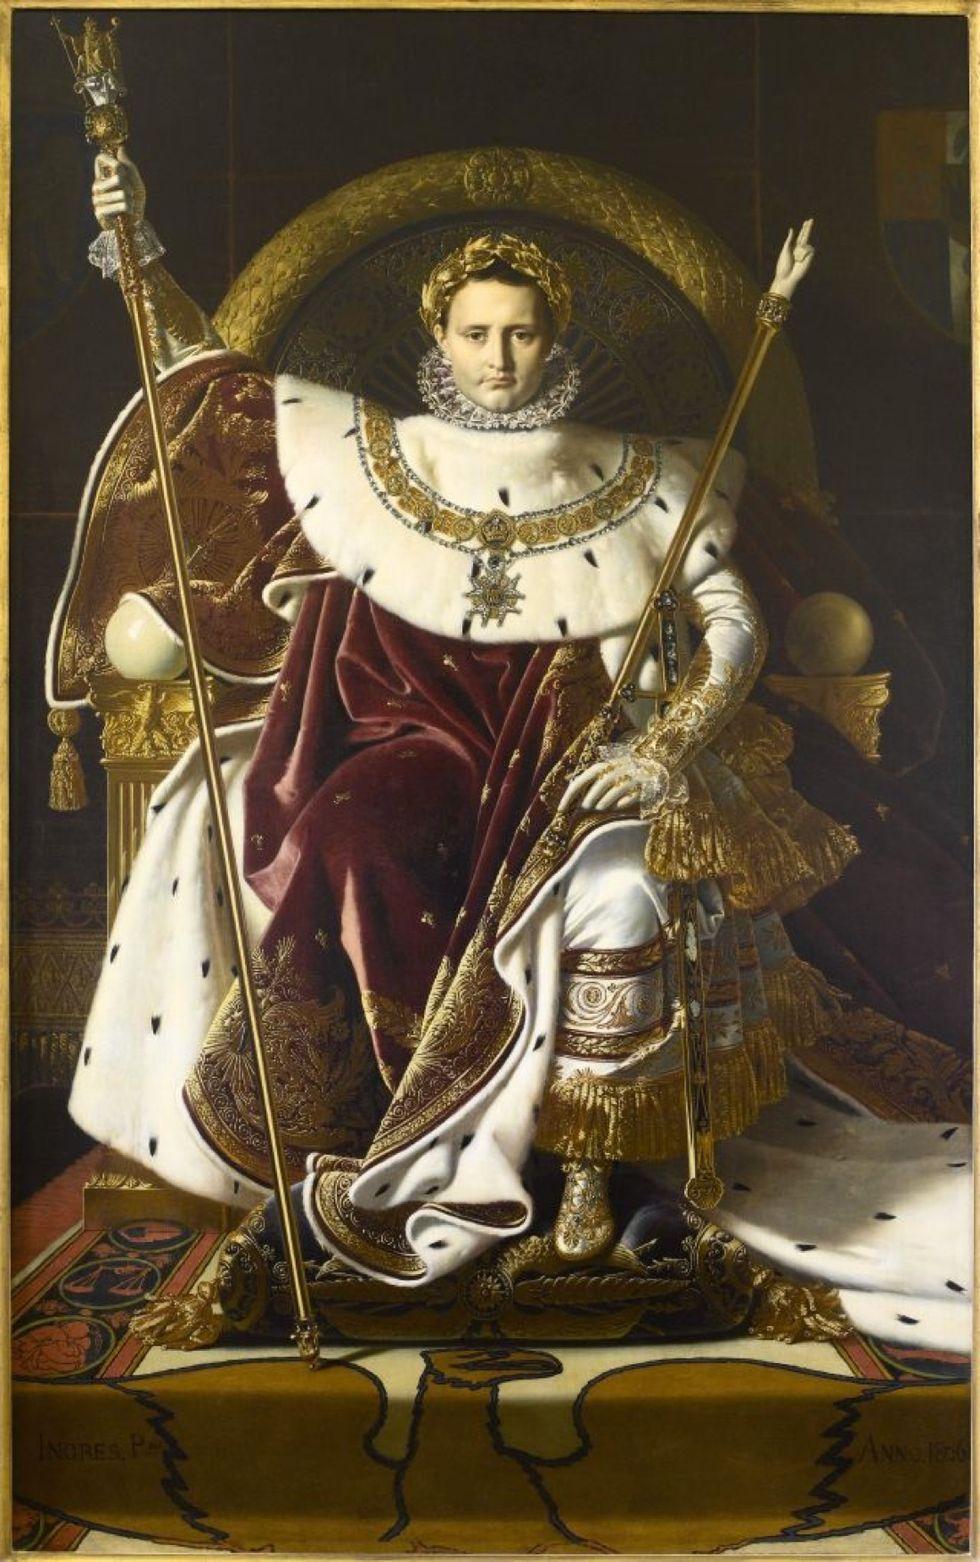 Ingres e la vita artistica al tempo di Napoleone. Una grande mostra a Palazzo Reale